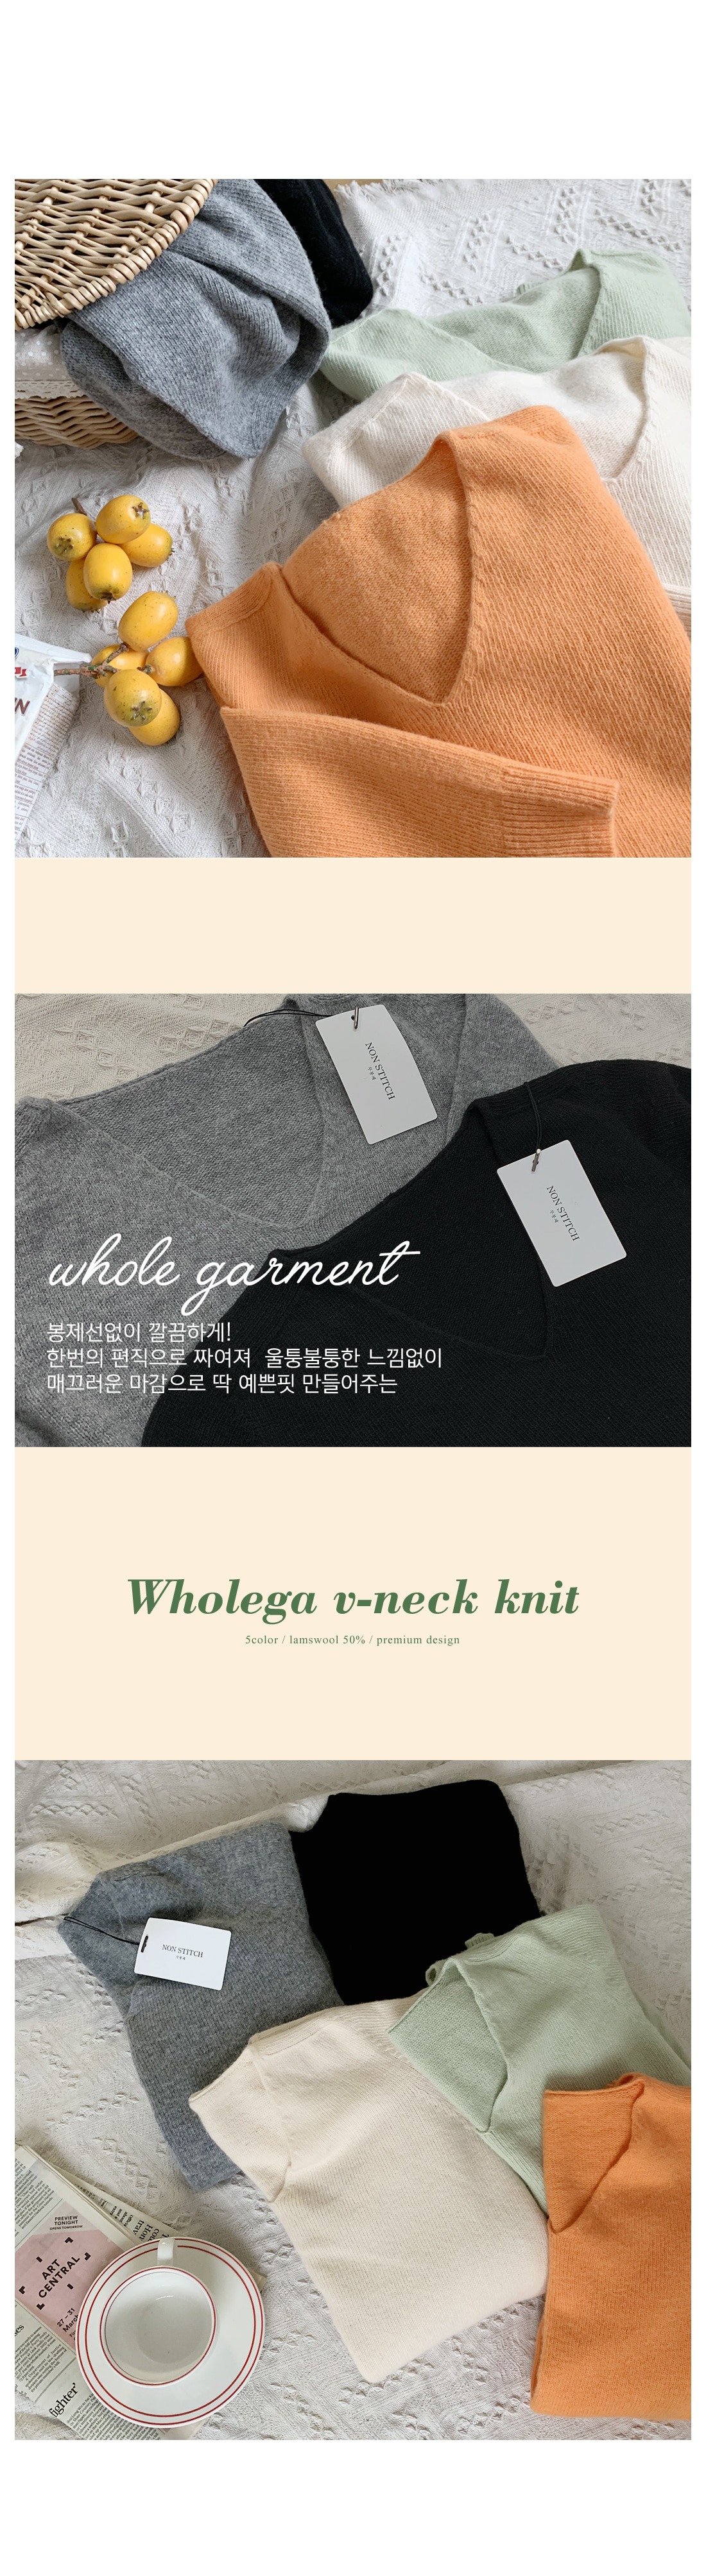 Holga V-Neck Knit